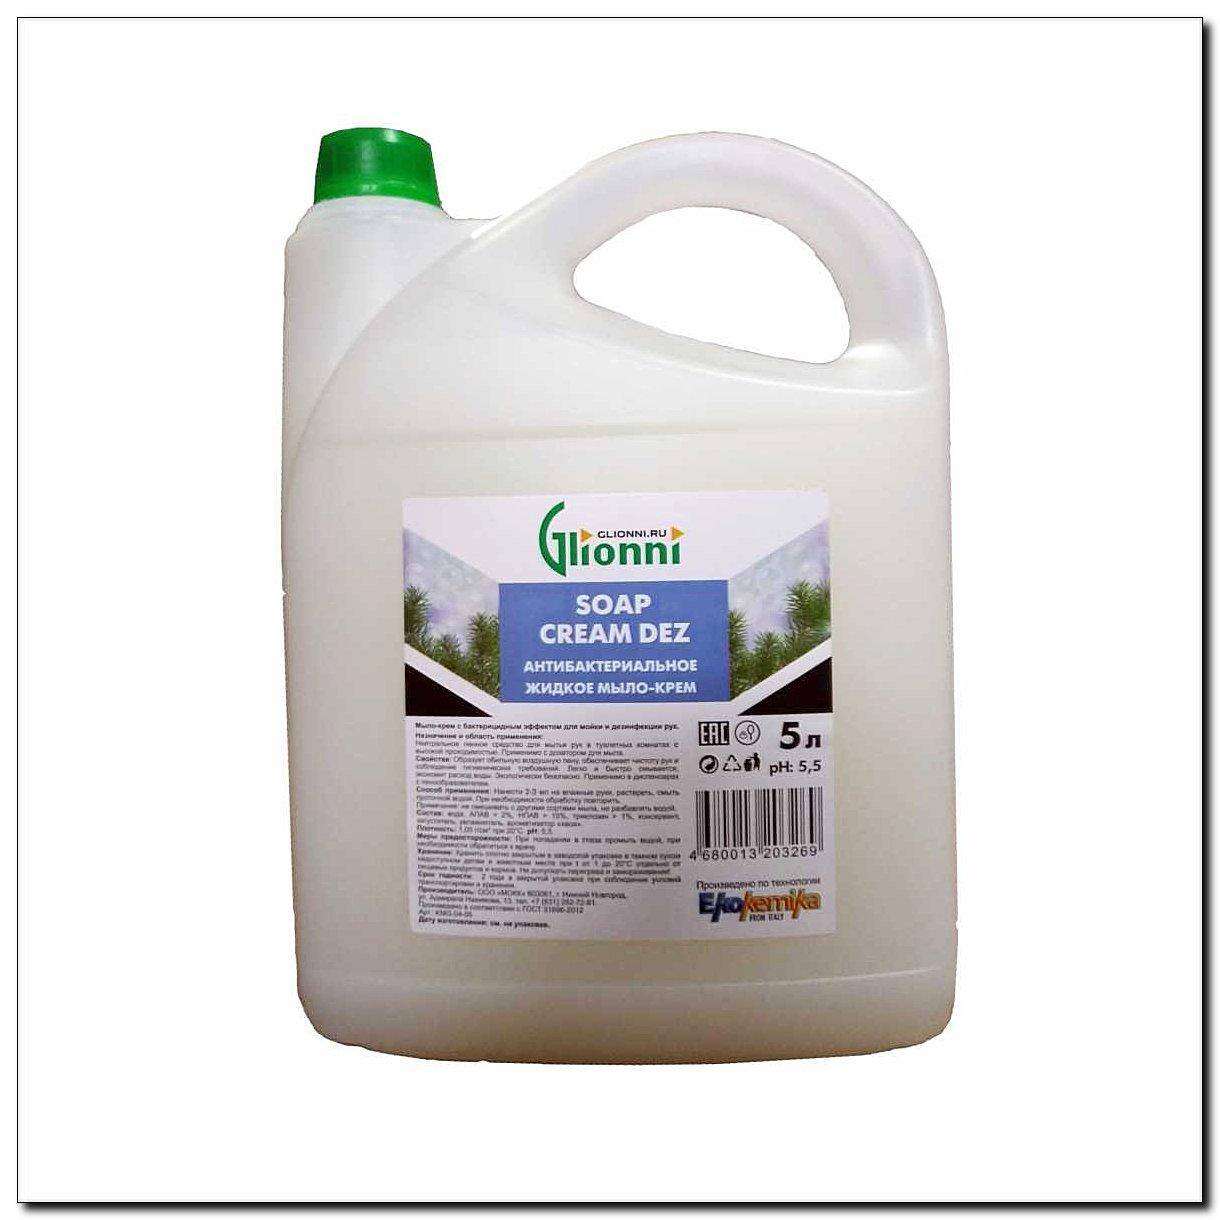 Жидкое крем-мыло SOAP CREAM DEZ 5л бактерицидное, интернет-магазин Убирай-Крым г. Симферополь